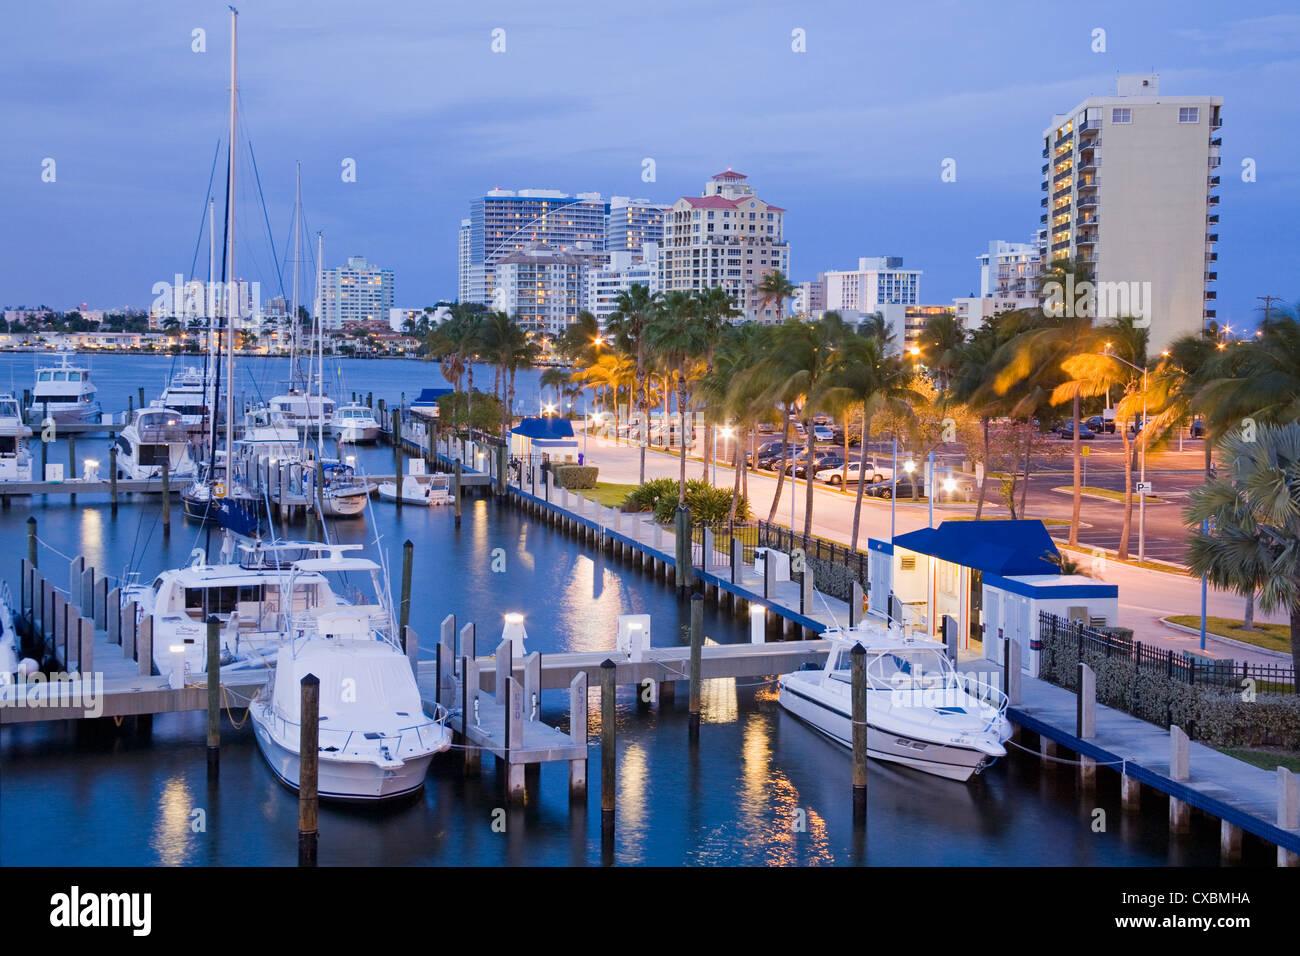 Intercoastal Waterway, Fort Lauderdale, comté de Broward, Floride, États-Unis d'Amérique, Amérique Photo Stock